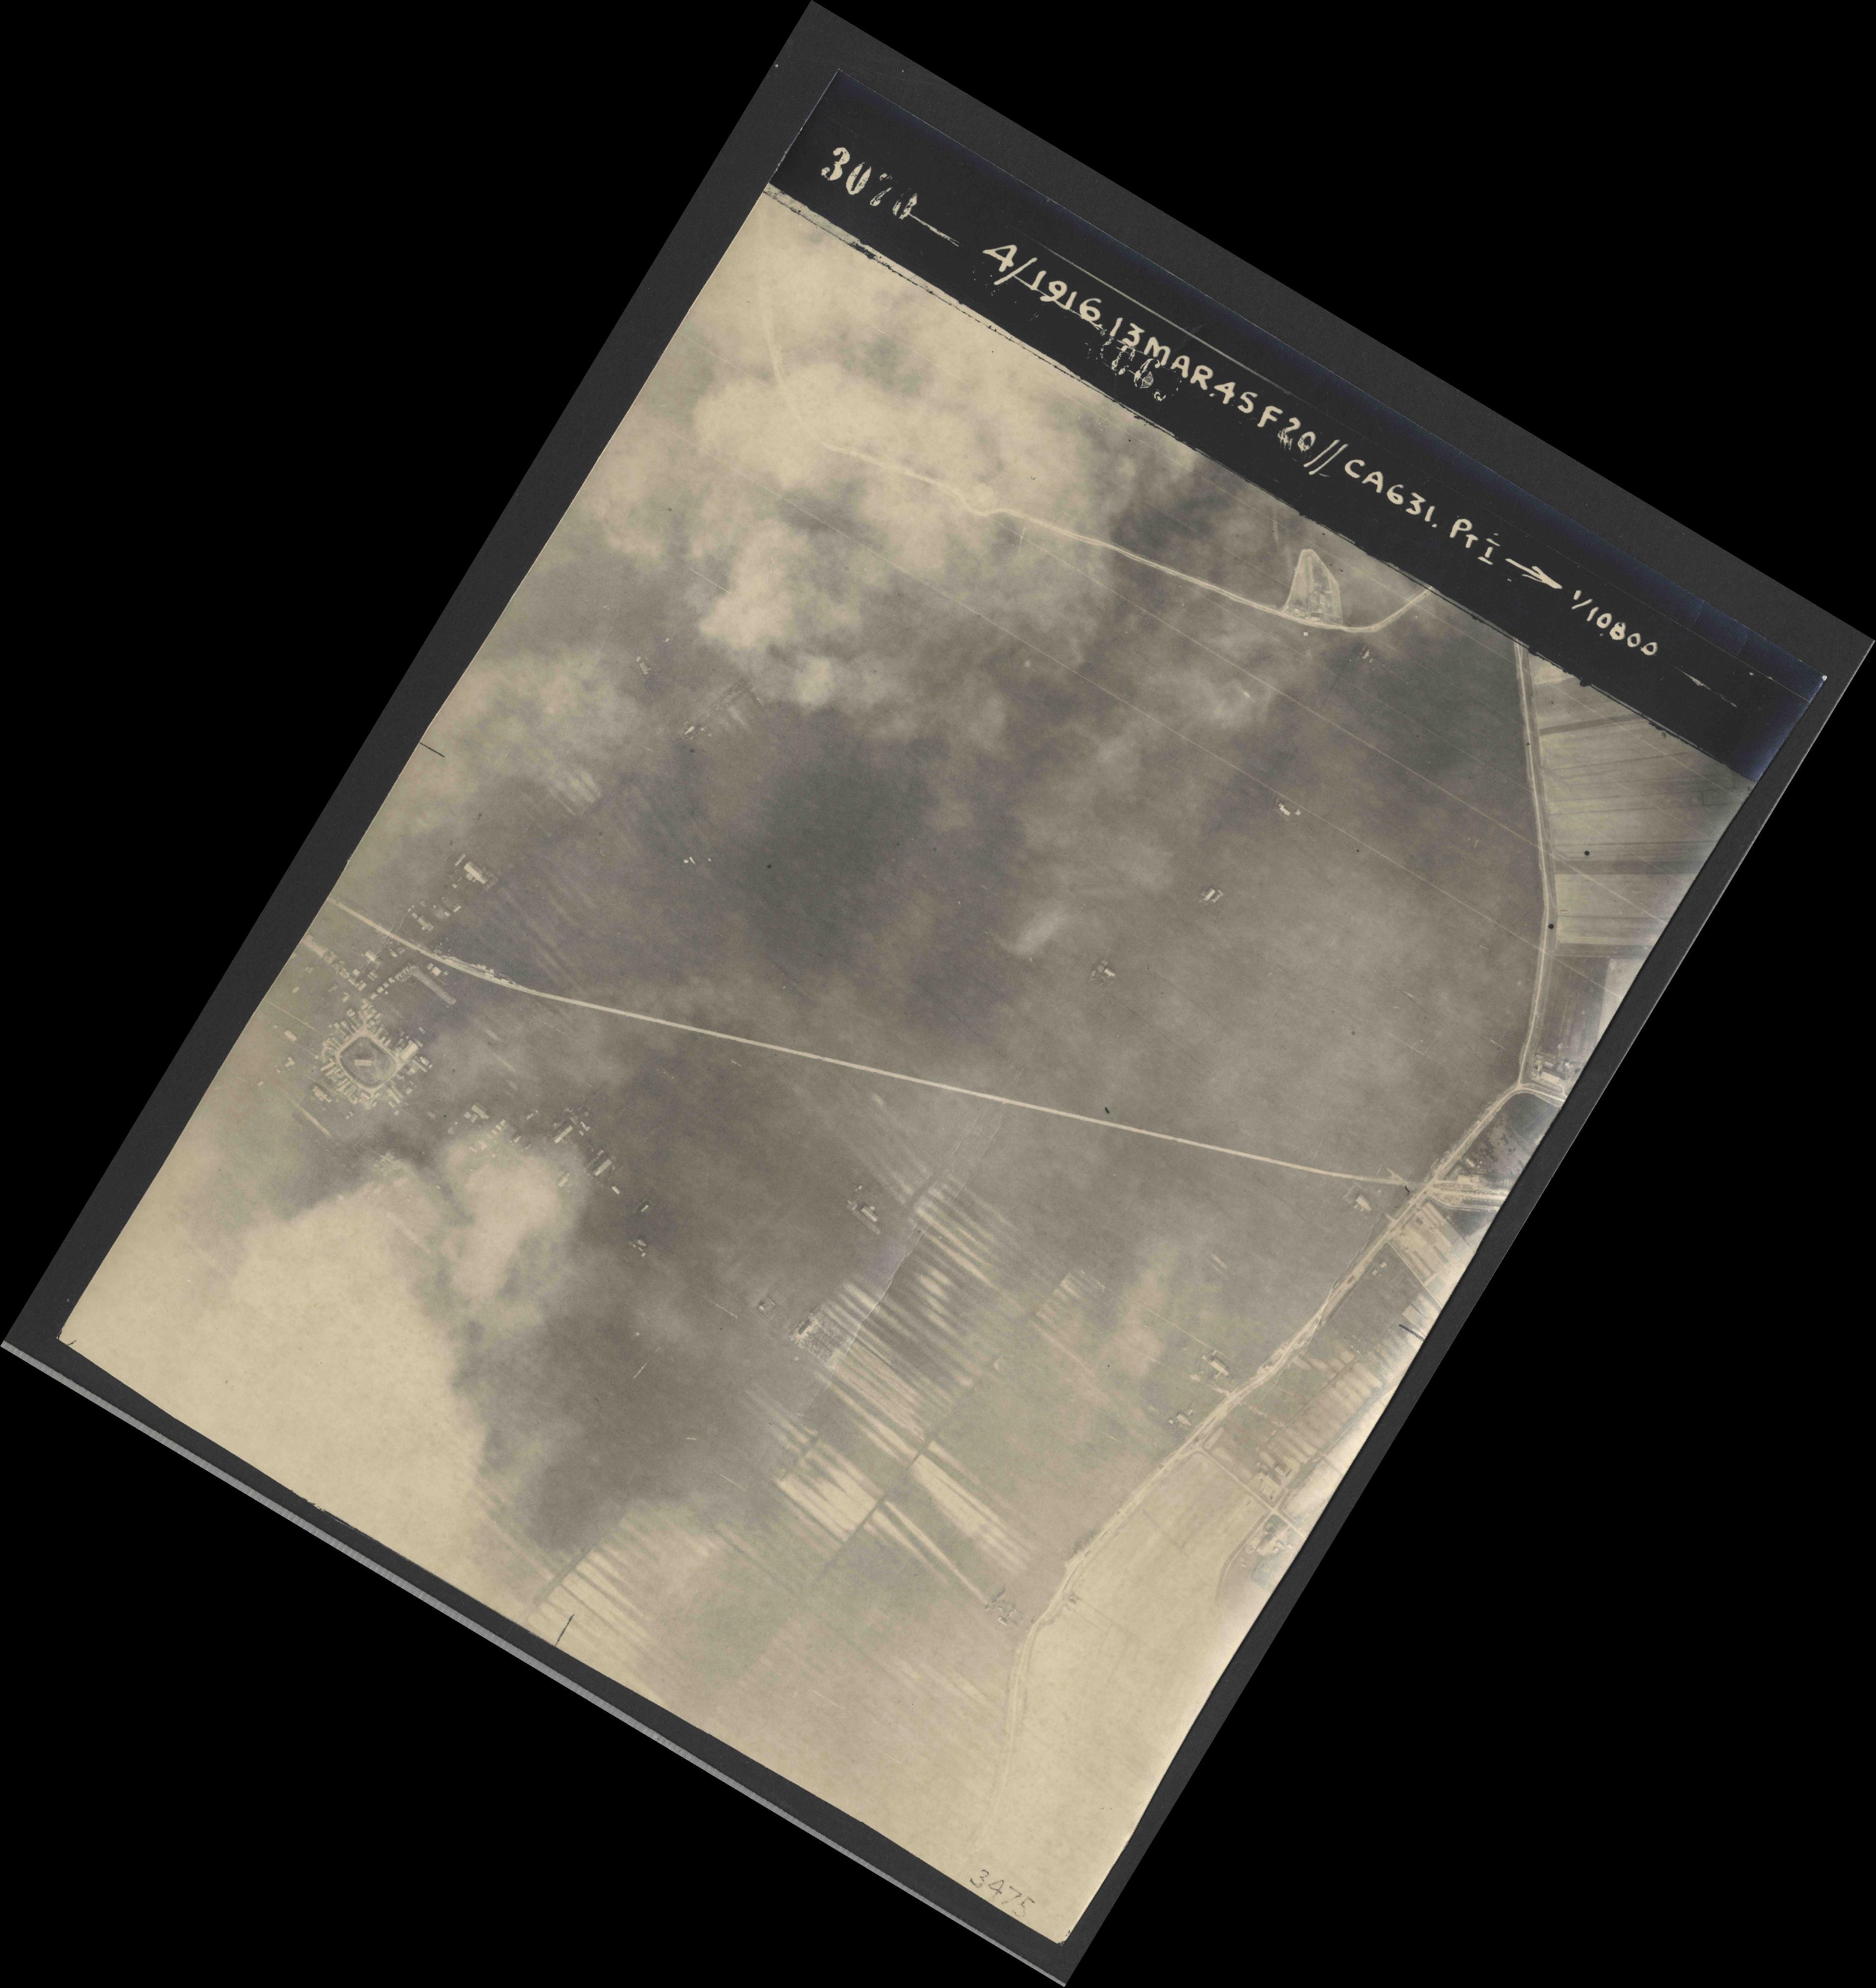 Collection RAF aerial photos 1940-1945 - flight 085, run 01, photo 3070